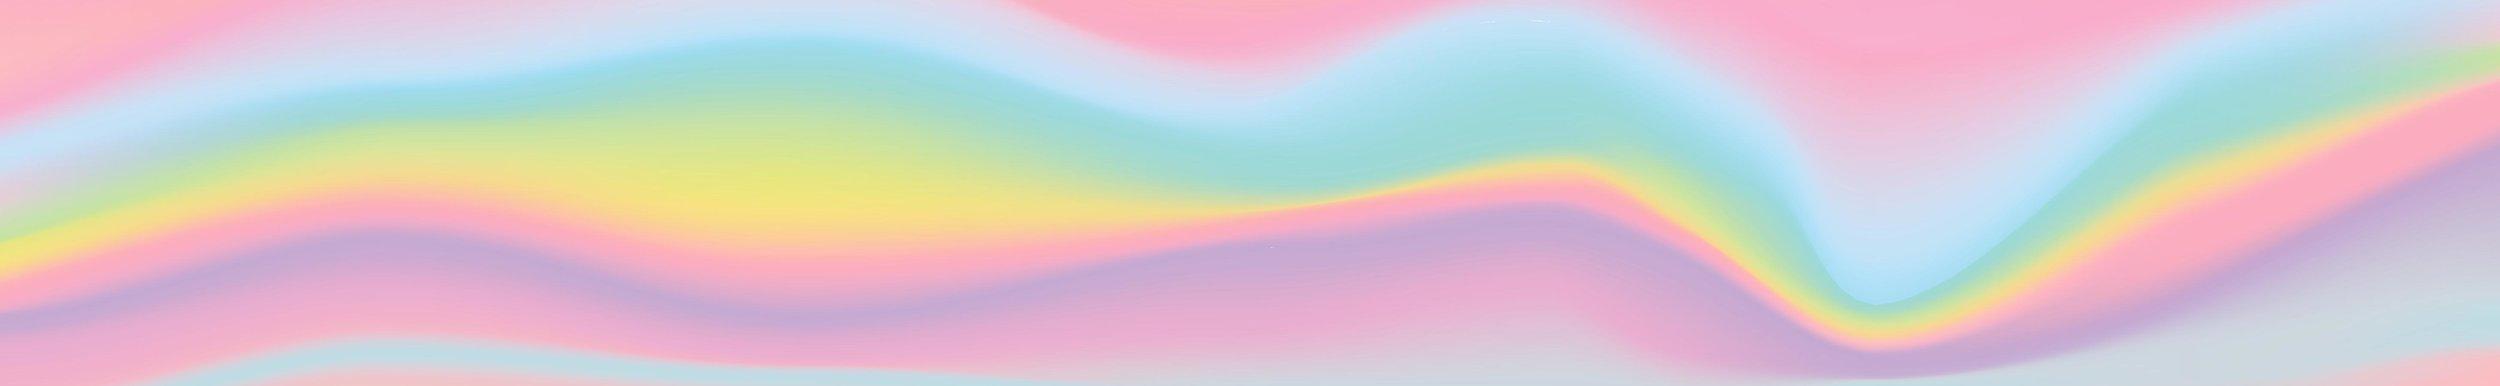 棉花糖与白日梦_记忆色温_R2-08.jpg